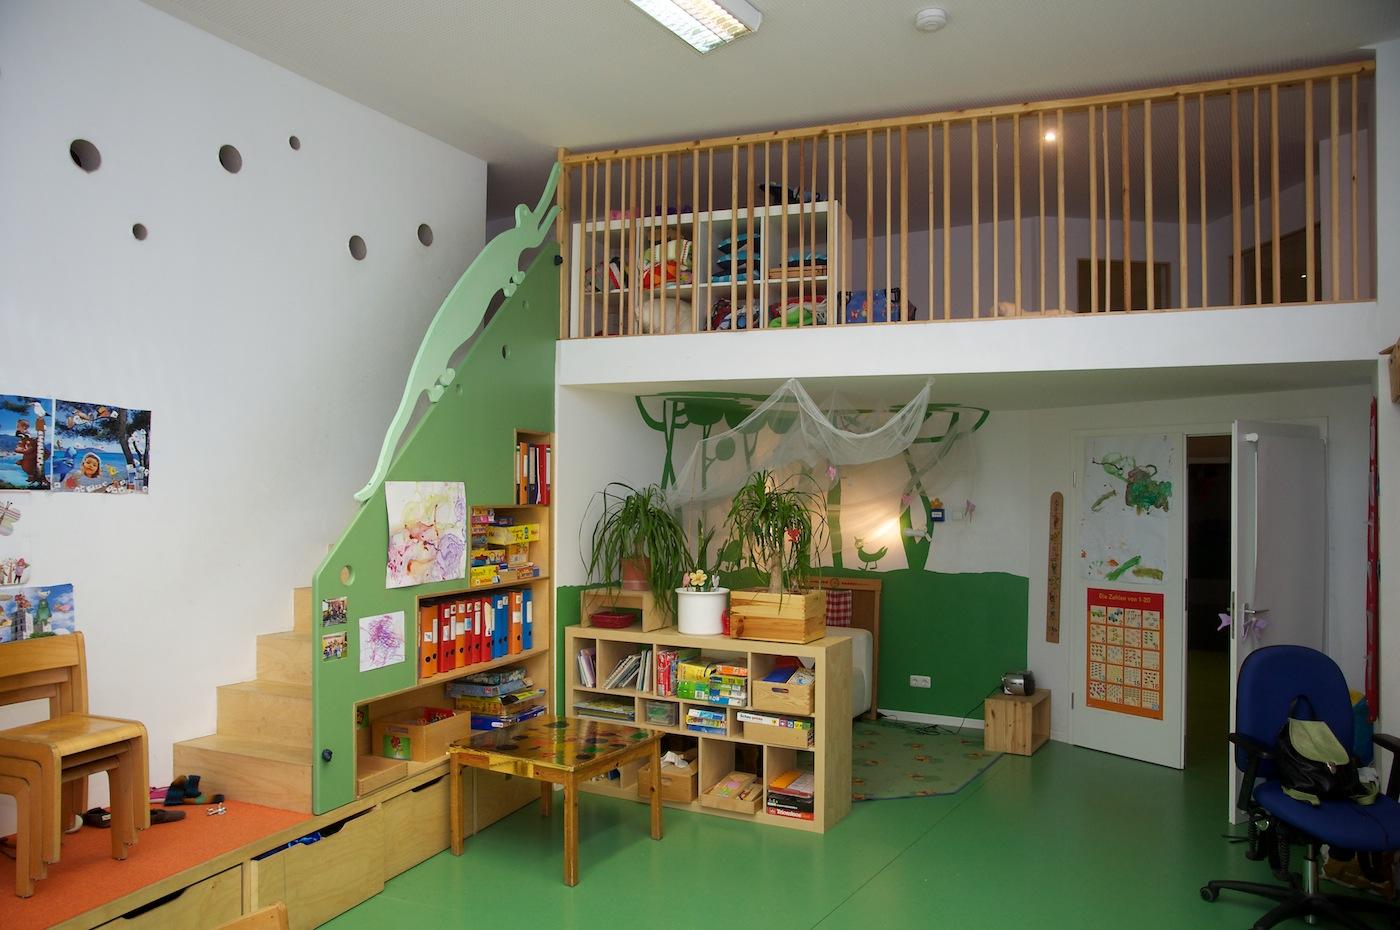 Elementarbereich kinderladen bambino for Raumgestaltung atelier kita